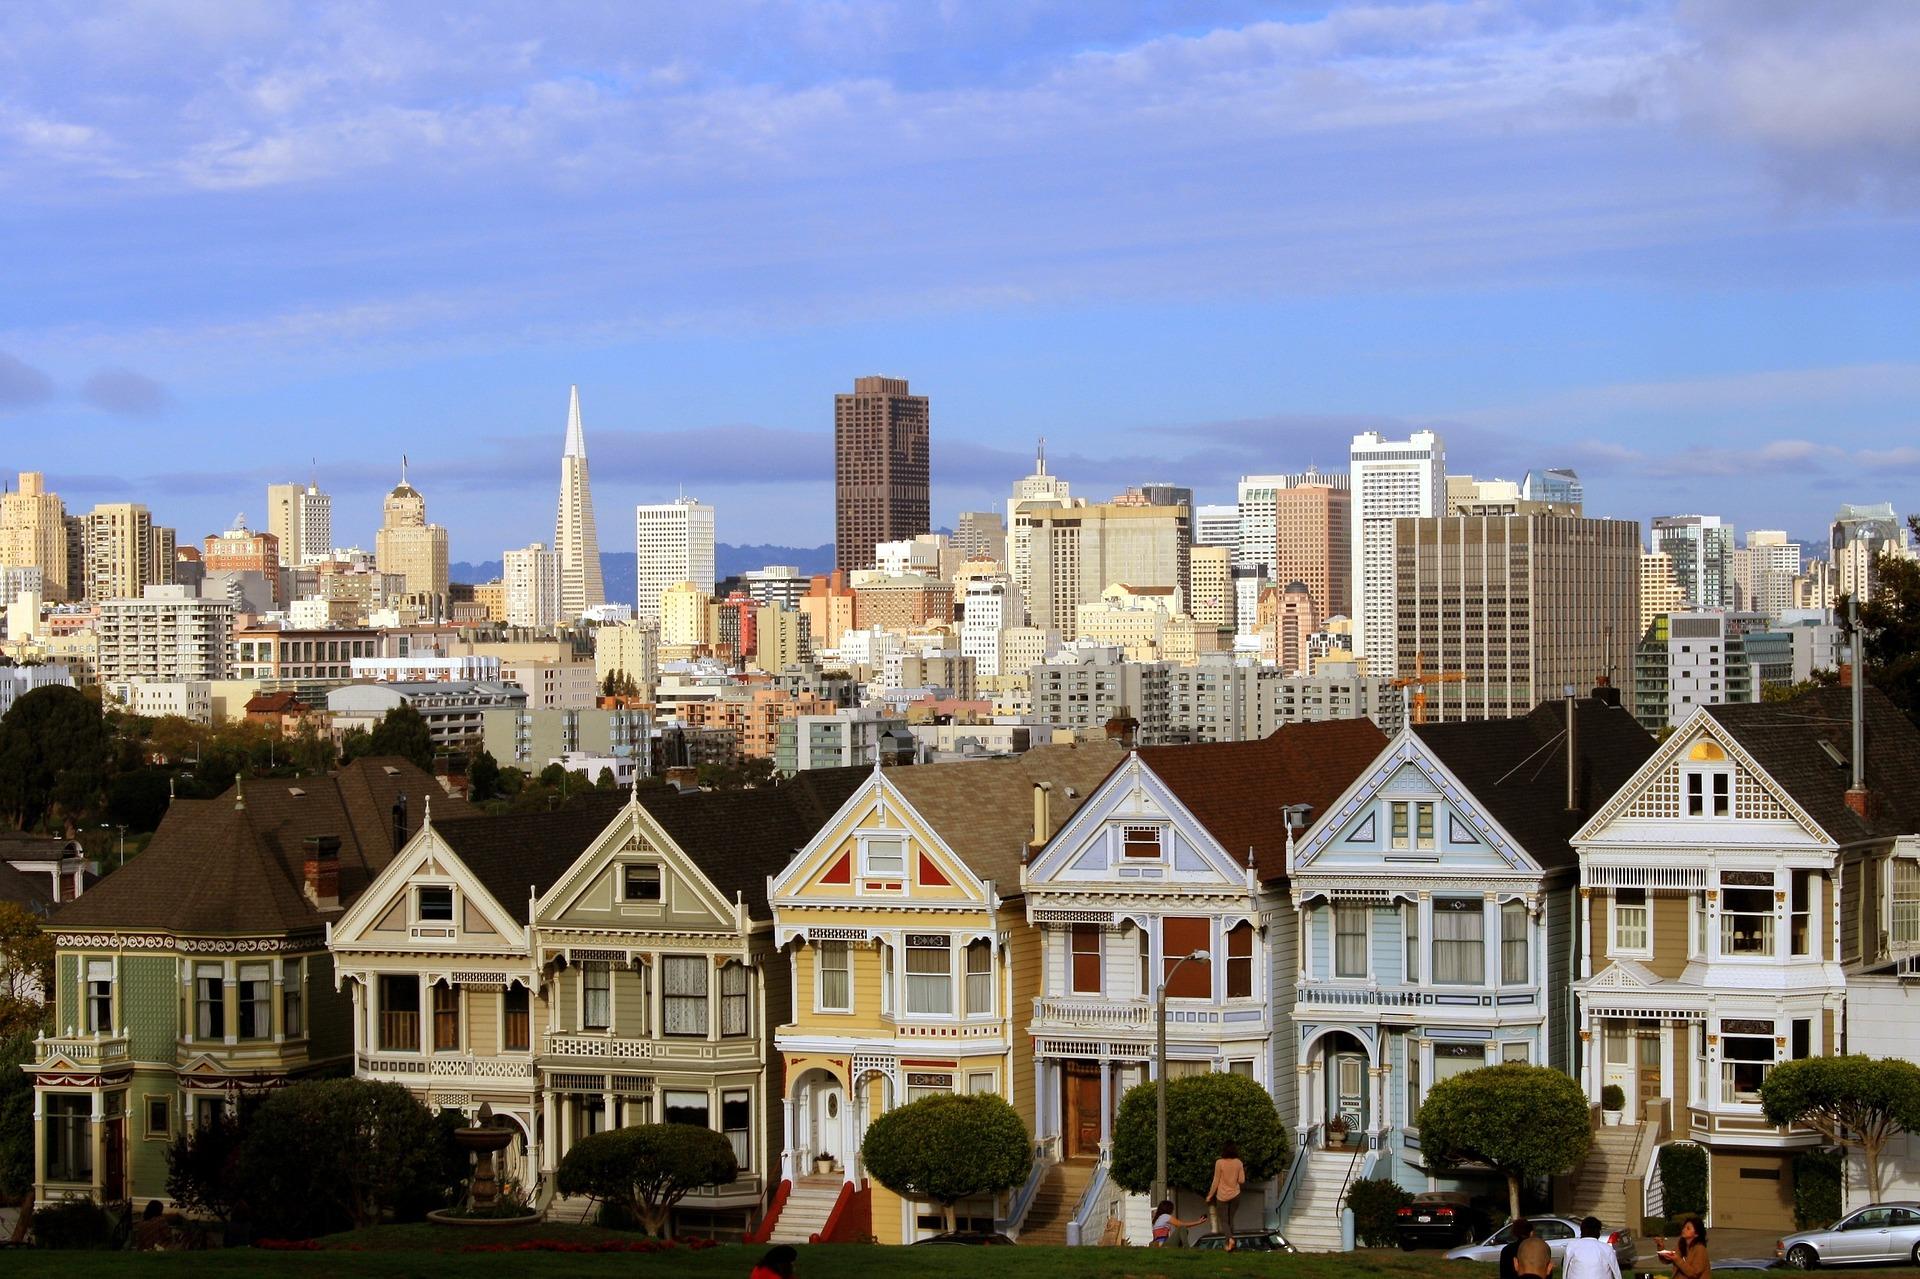 Housing market in turmoil